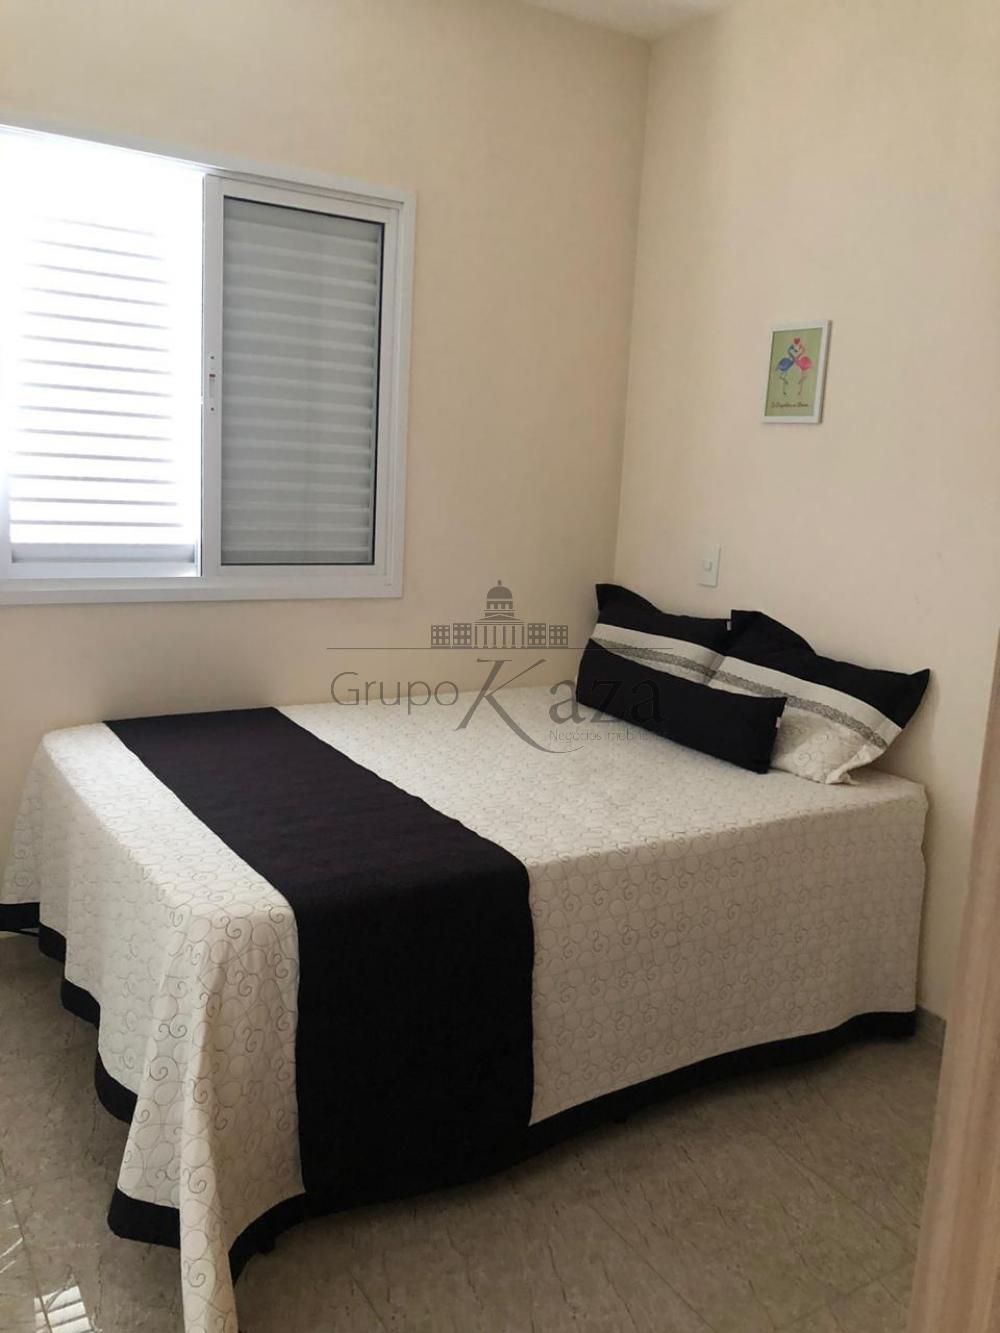 Comprar Apartamento / Cobertura Duplex em São José dos Campos apenas R$ 742.000,00 - Foto 20